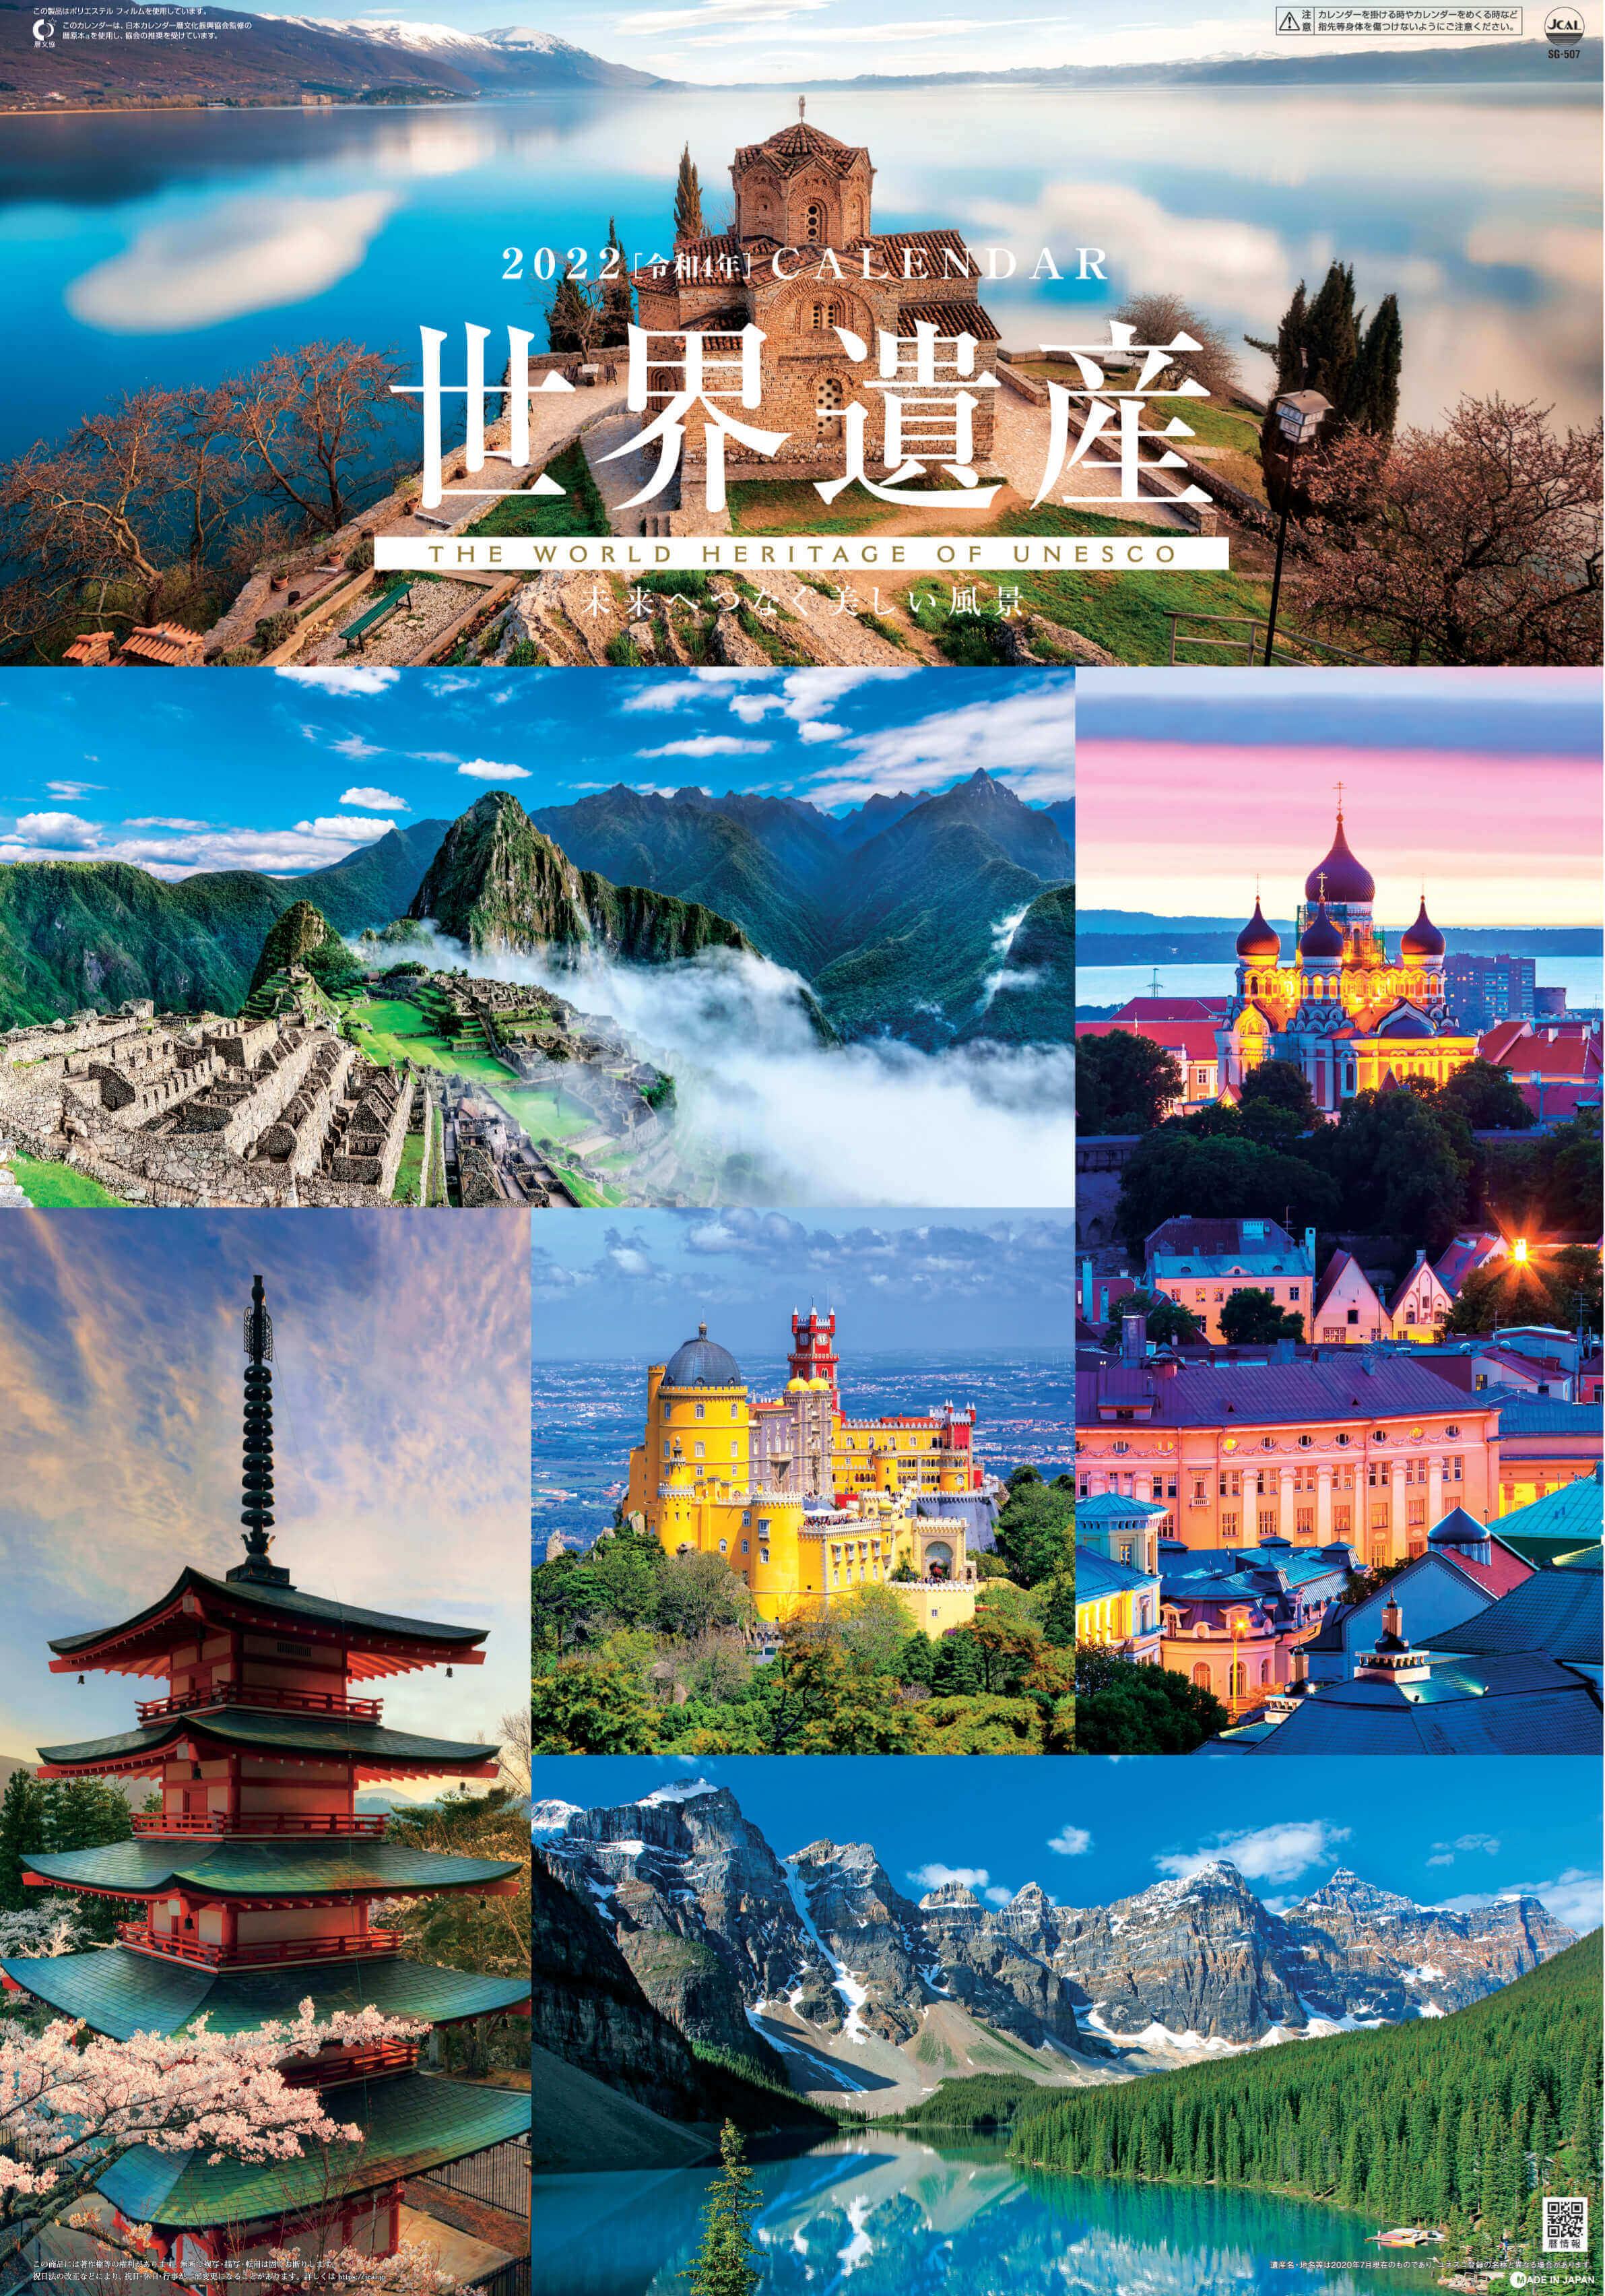 ユネスコ世界遺産(フィルムカレンダー) 2022年カレンダーの画像